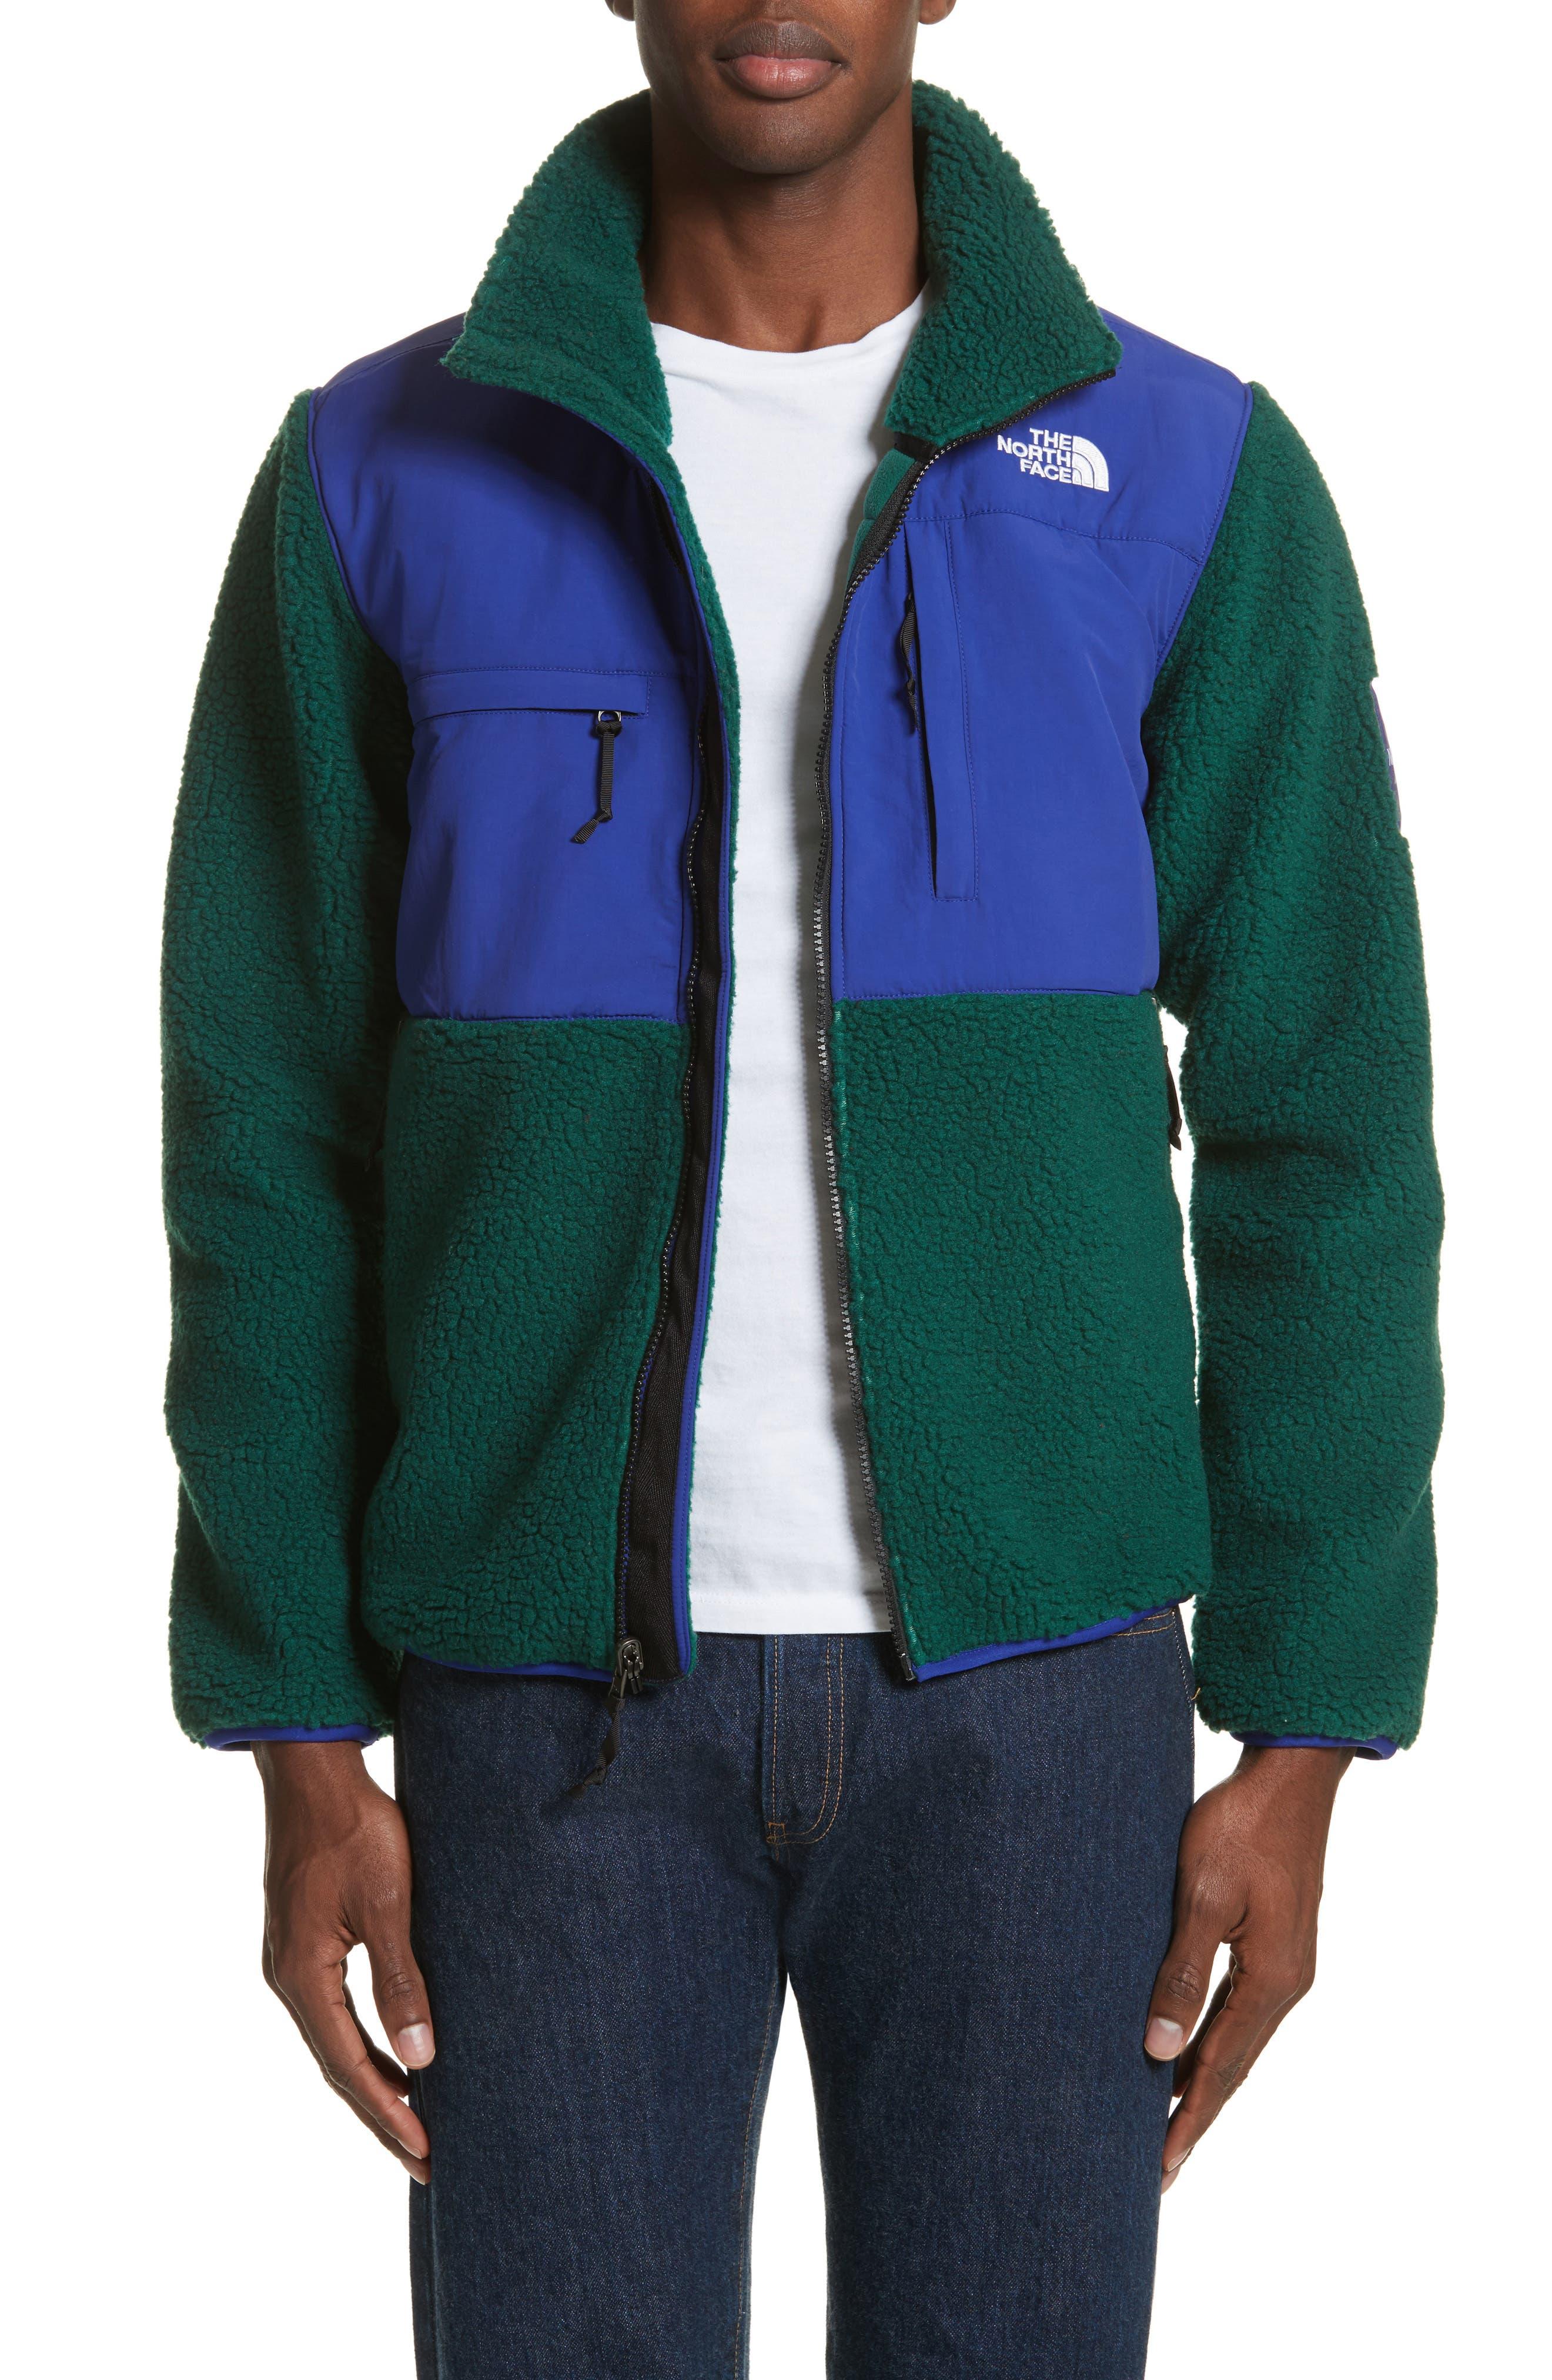 Denali Jacket,                             Main thumbnail 1, color,                             301